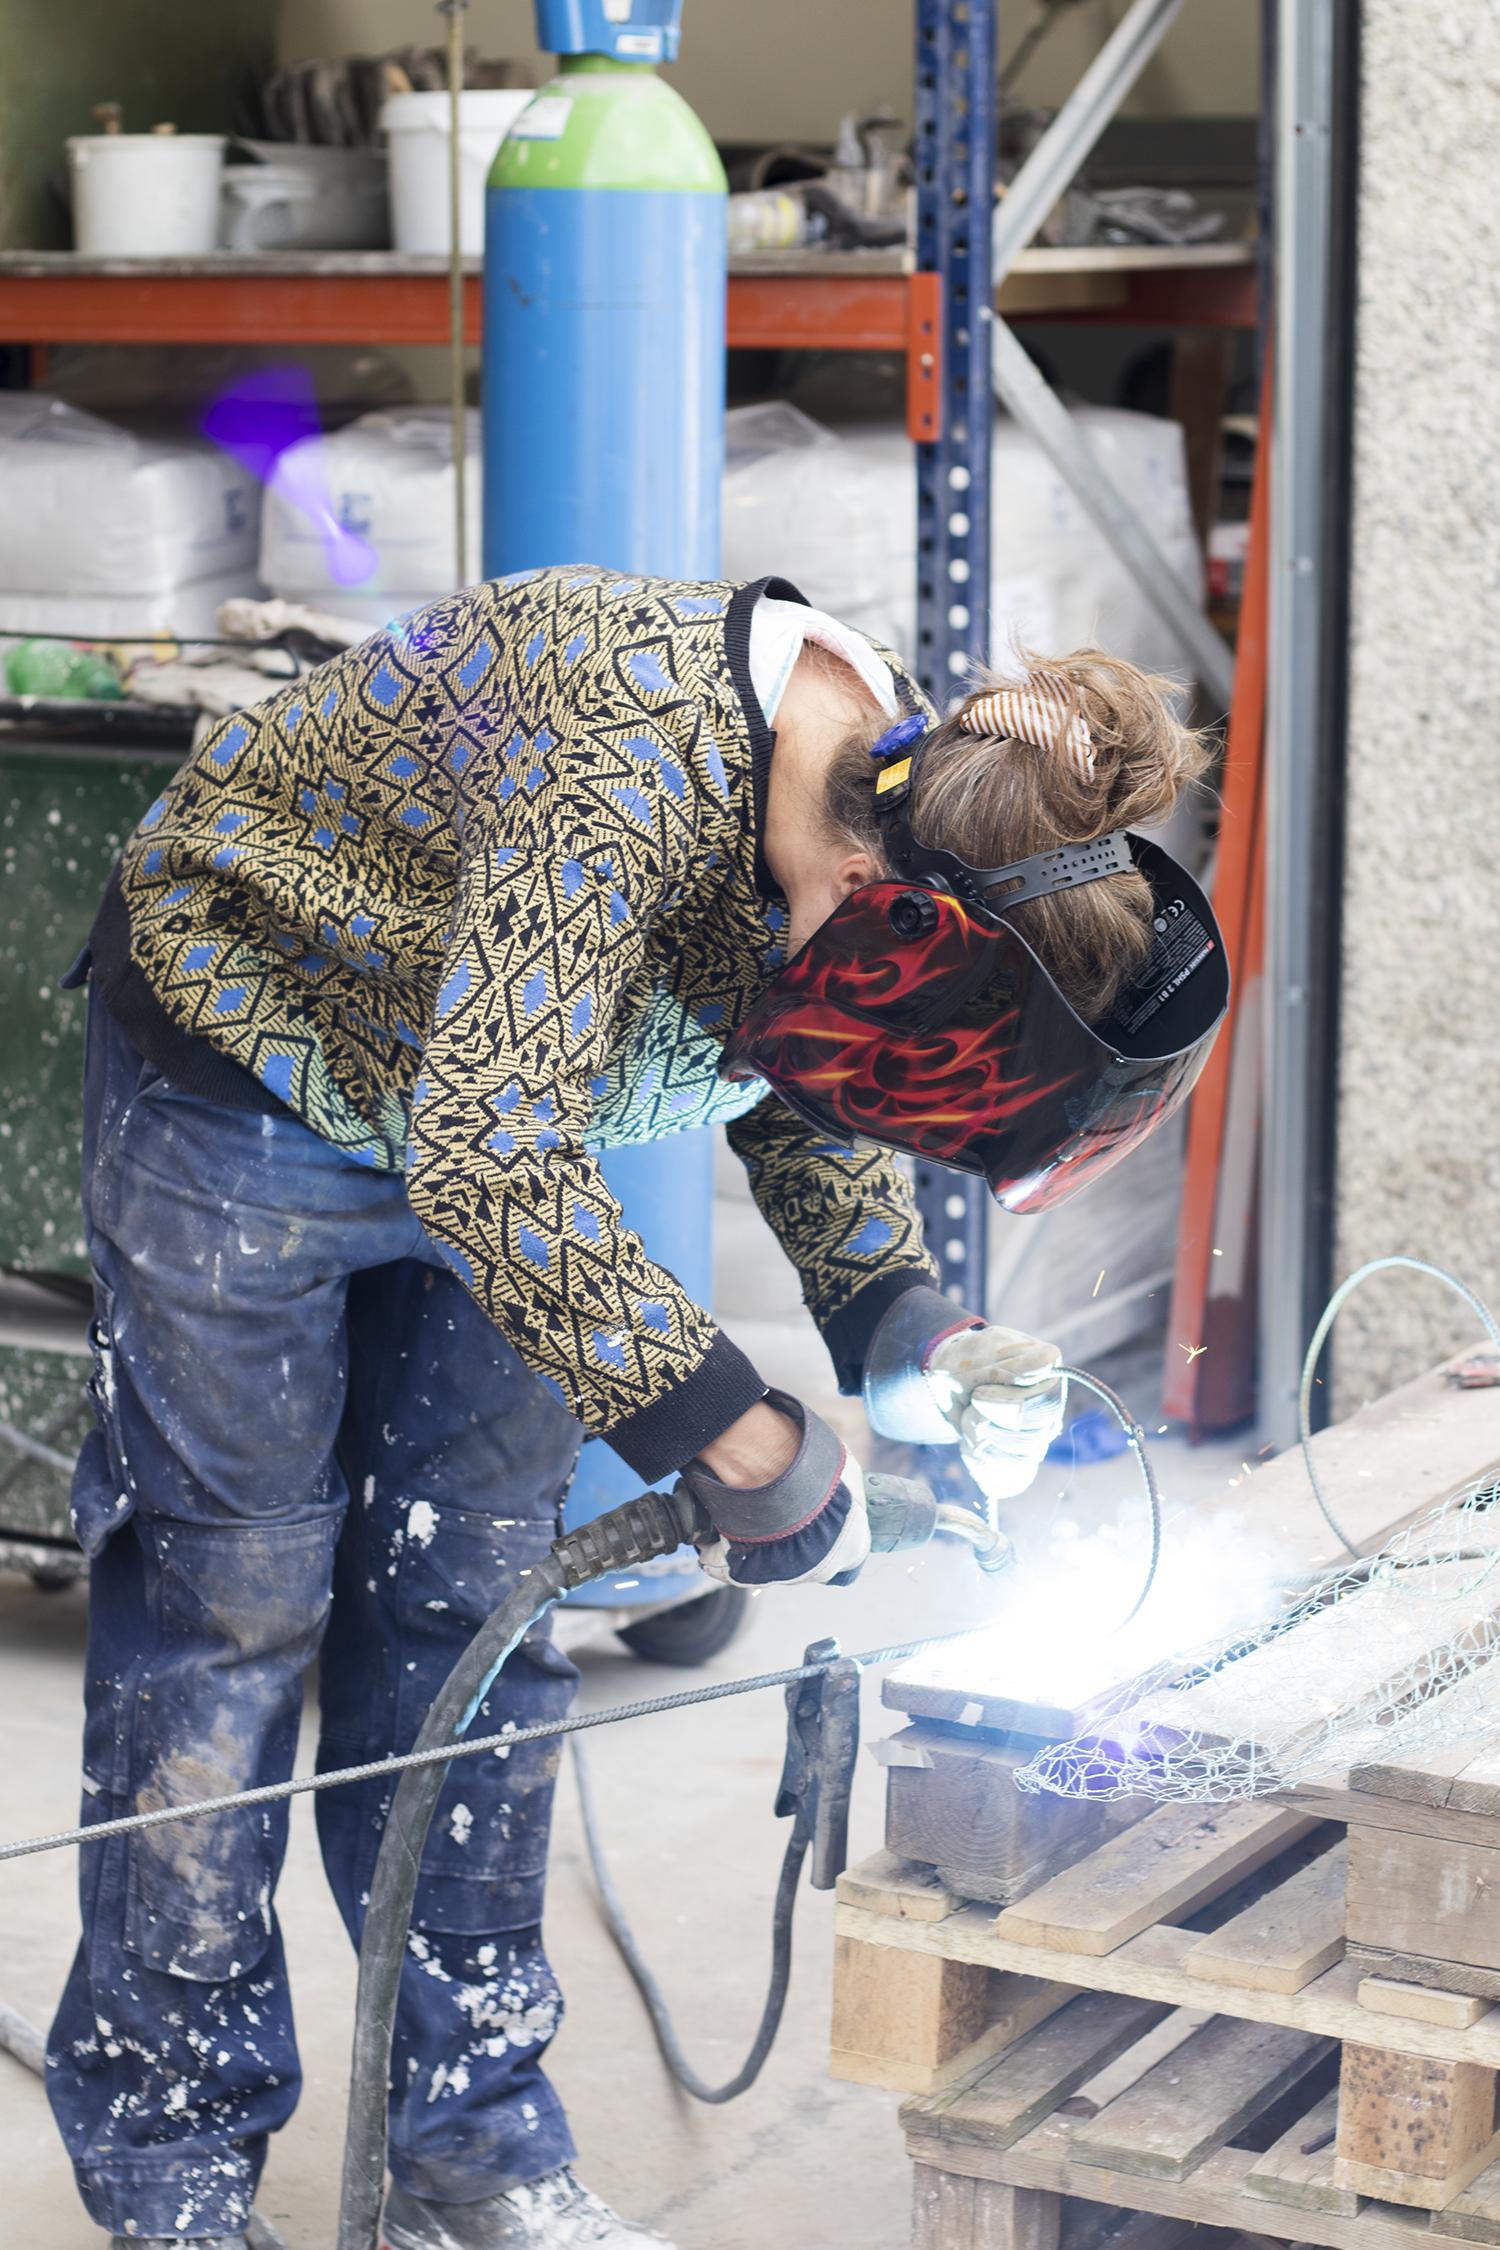 Marie Bonfils arbejder i gården bag 51CTH. Foto © I DO ART Agency.